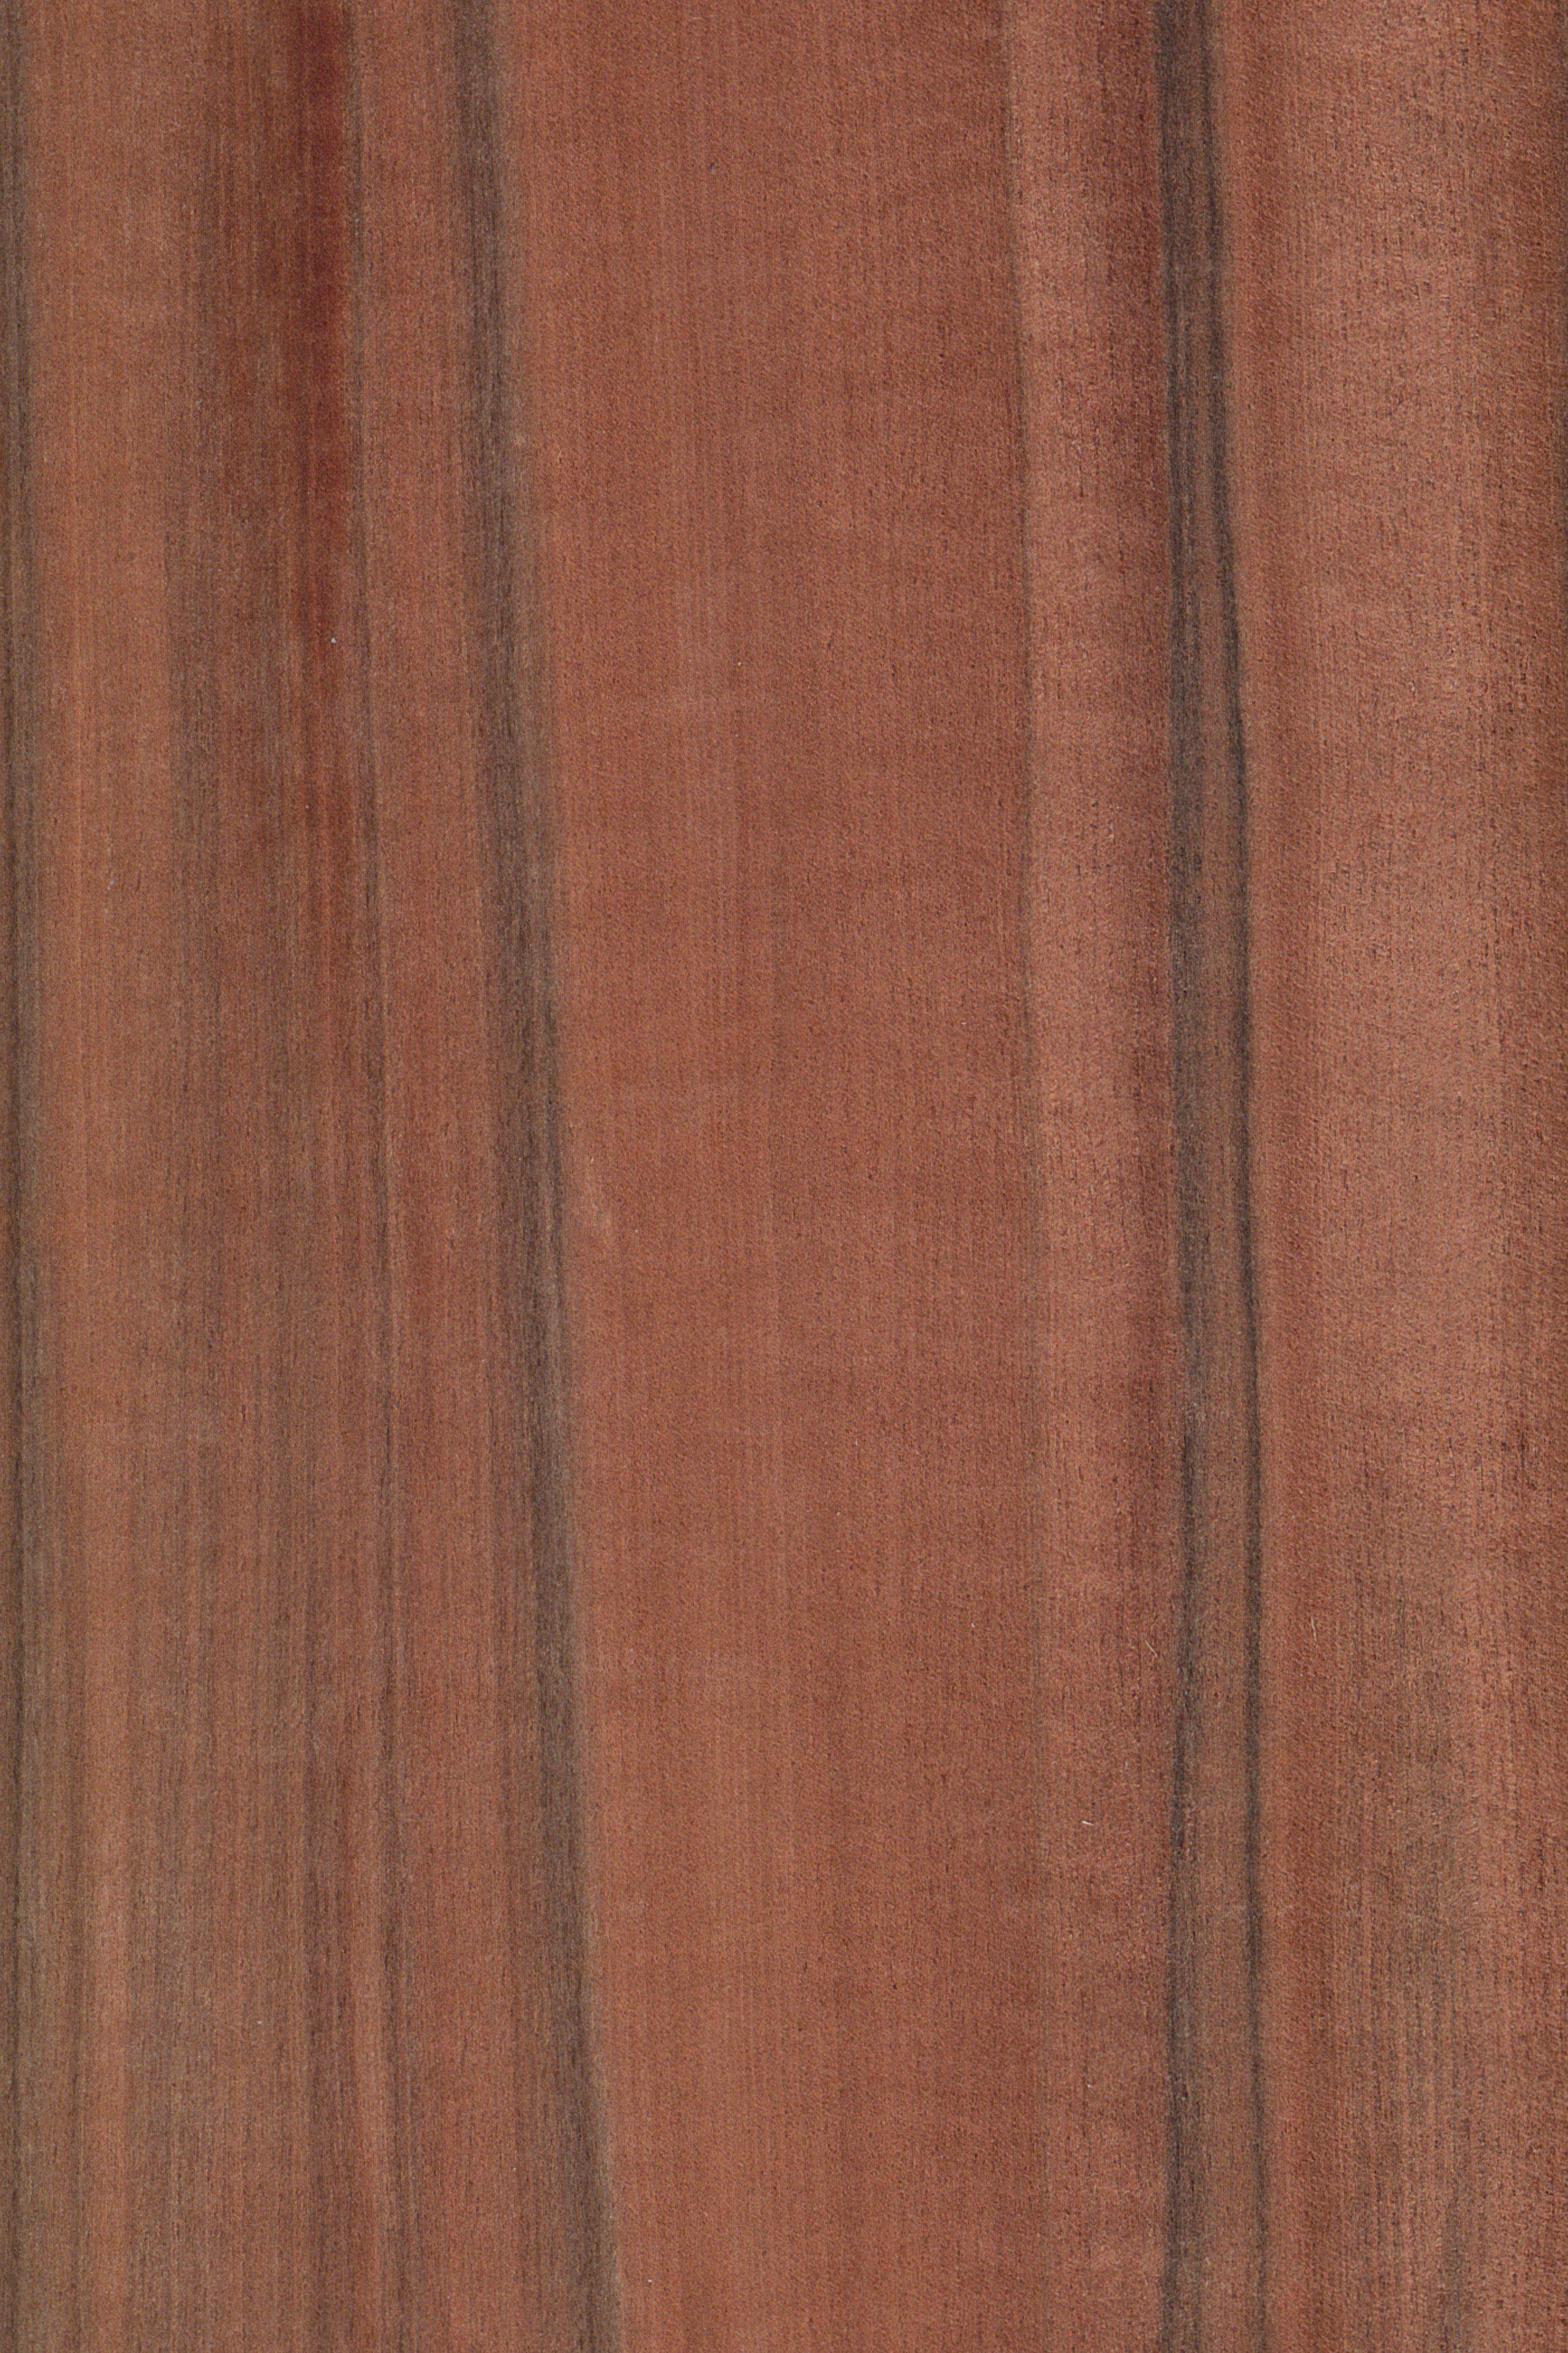 AuBergewohnlich Tineo   Indischer Apfel | Furnier: Holzart, Tineo, Blatt, Dunkel, Rot,  Rötlich, Braun,Exoten, #Holzarten #Furniere #Holz